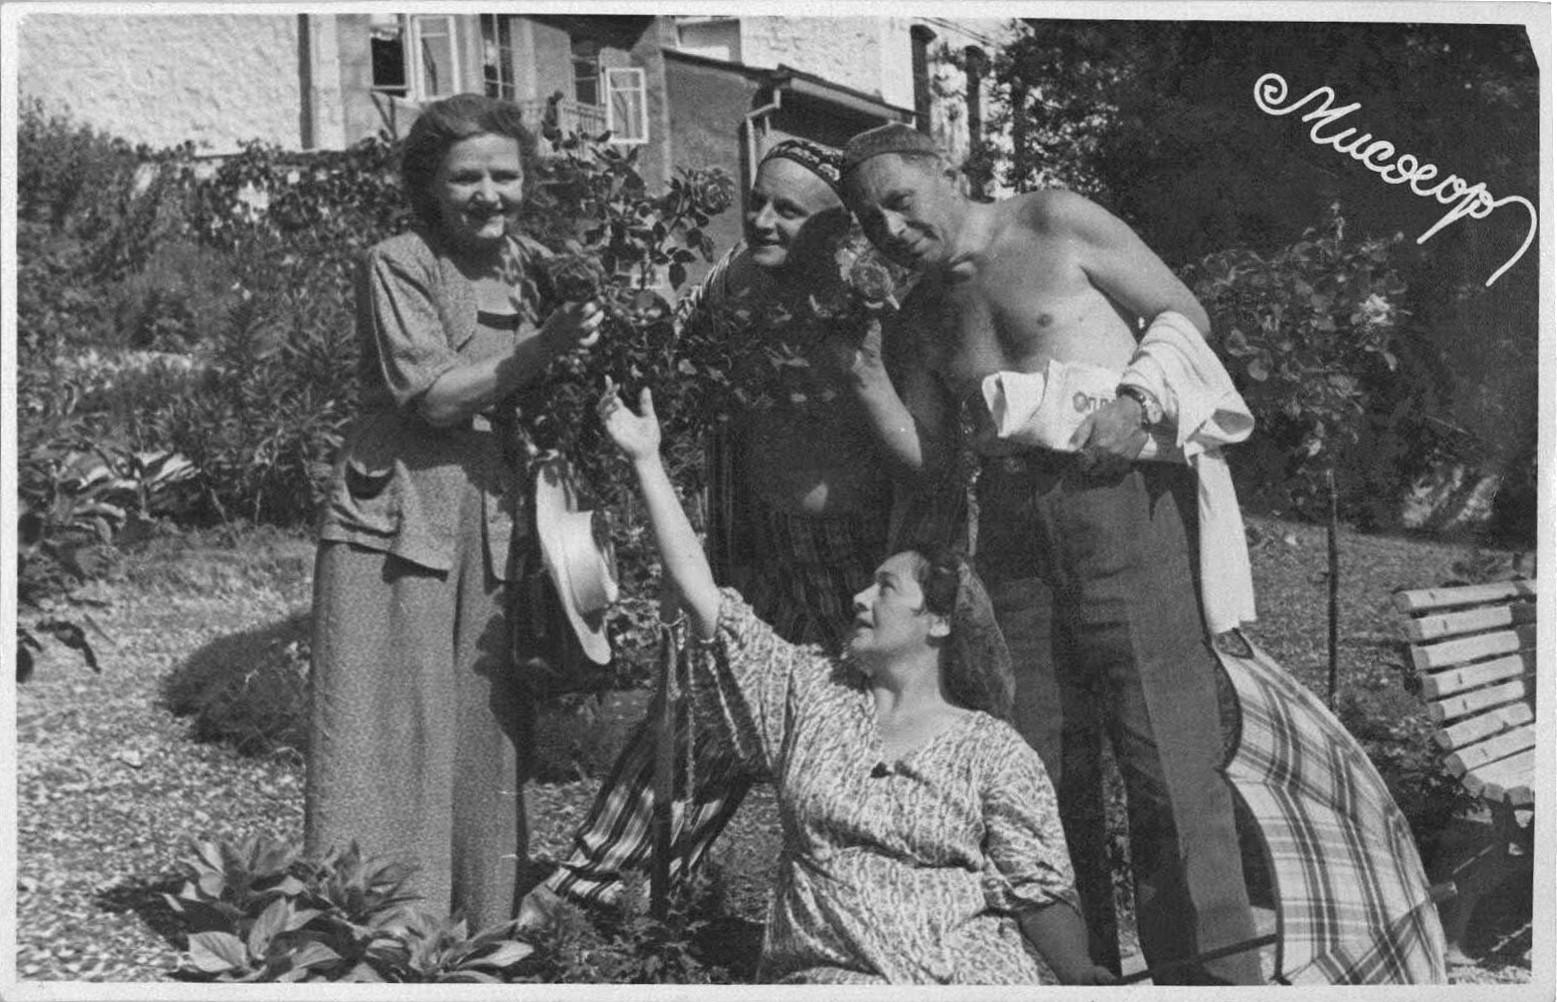 Ф. Белинская, Р. Риккер, А. Анатольев, П. Князев на отдыхе. Мисхор. 1953 г.: фотография